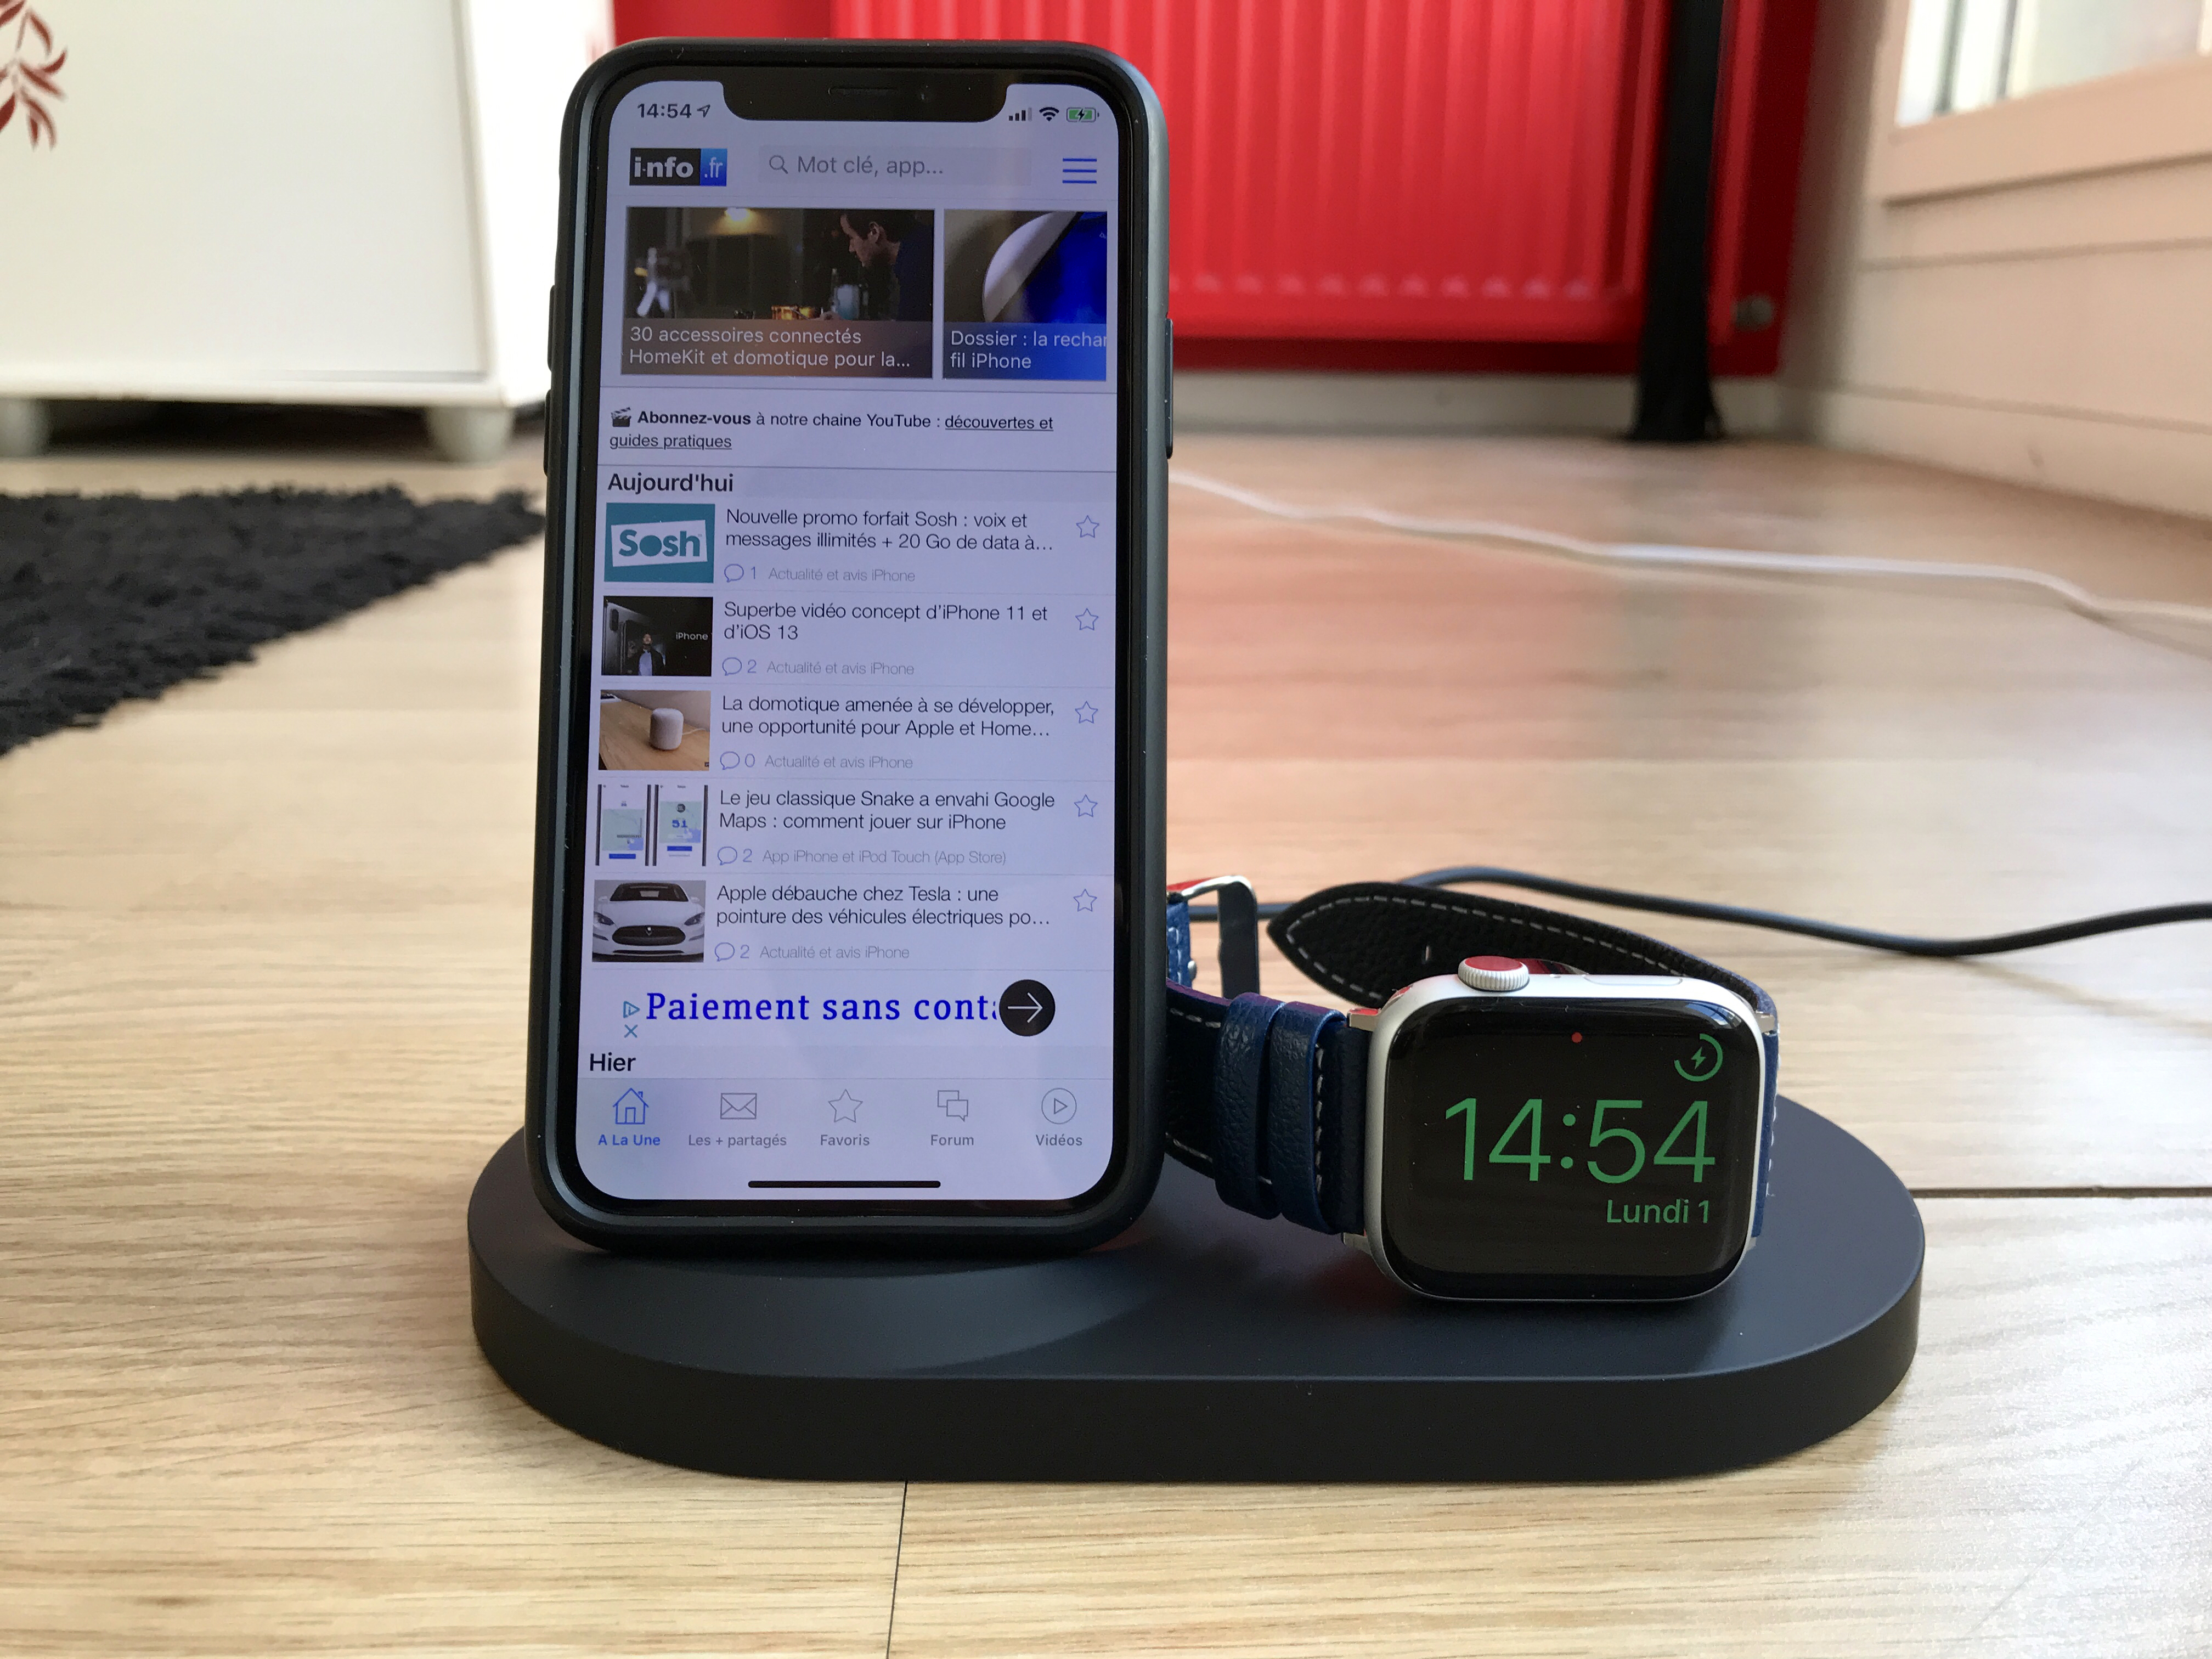 Test de la station de recharge Belkin « Boost Up » : une alternative au AirPower pour recharger iPhone, Apple Watch et AirPods 1